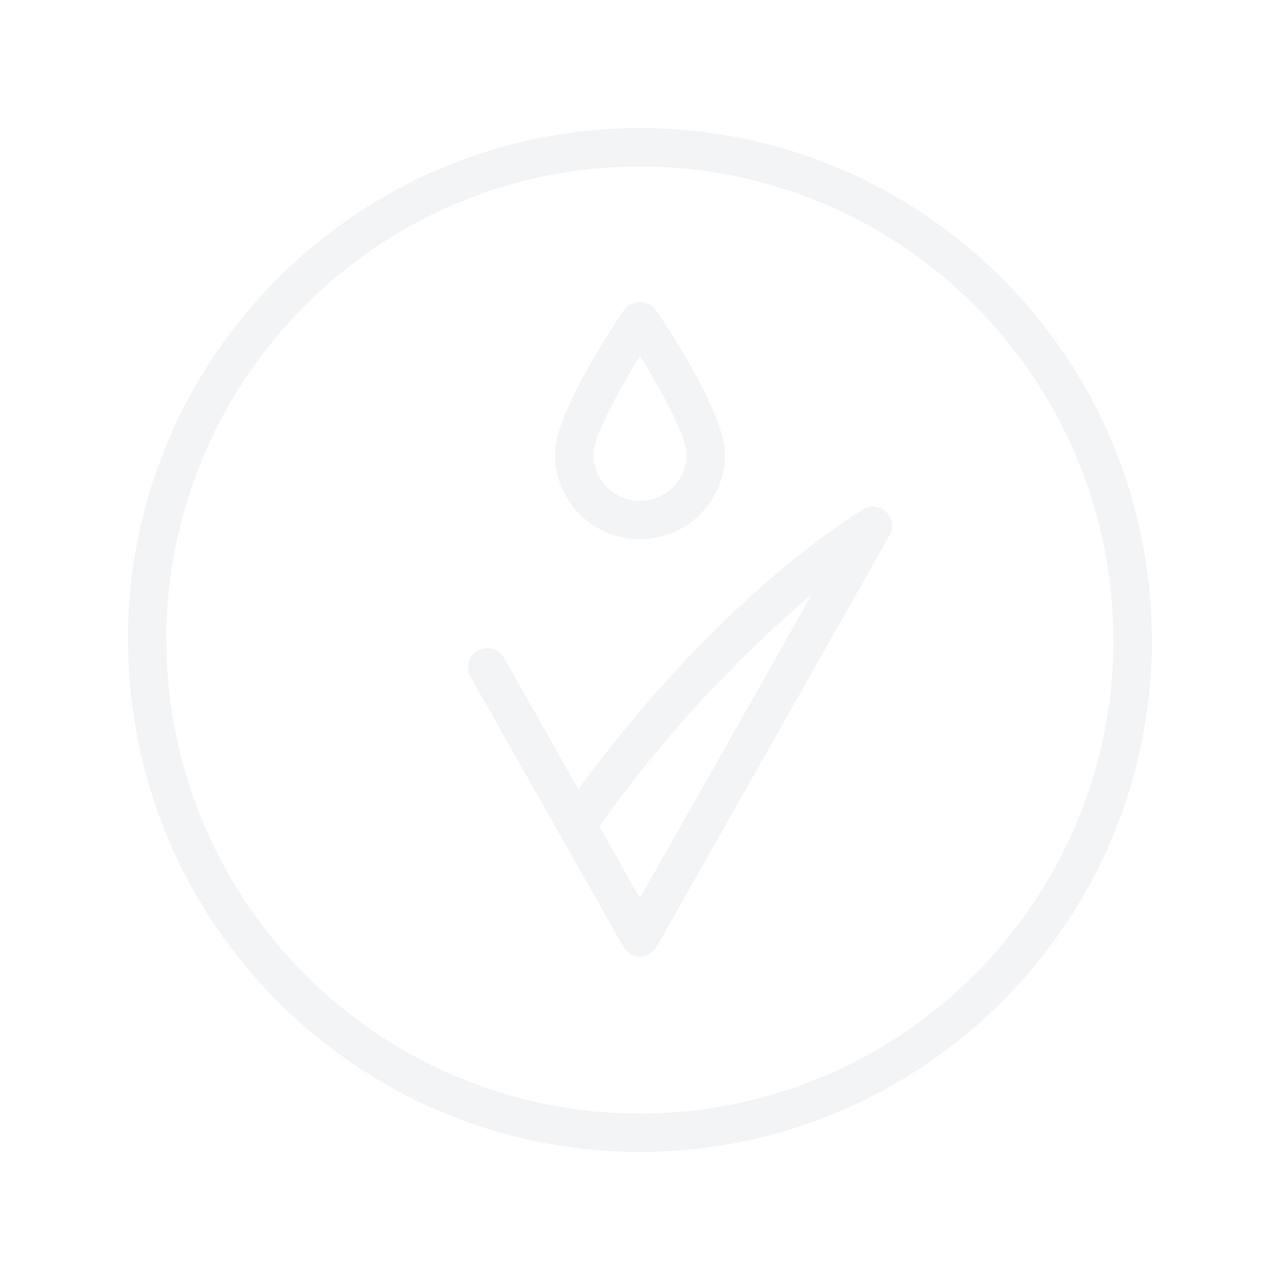 men-ü Healthy Facial Wash 15ml